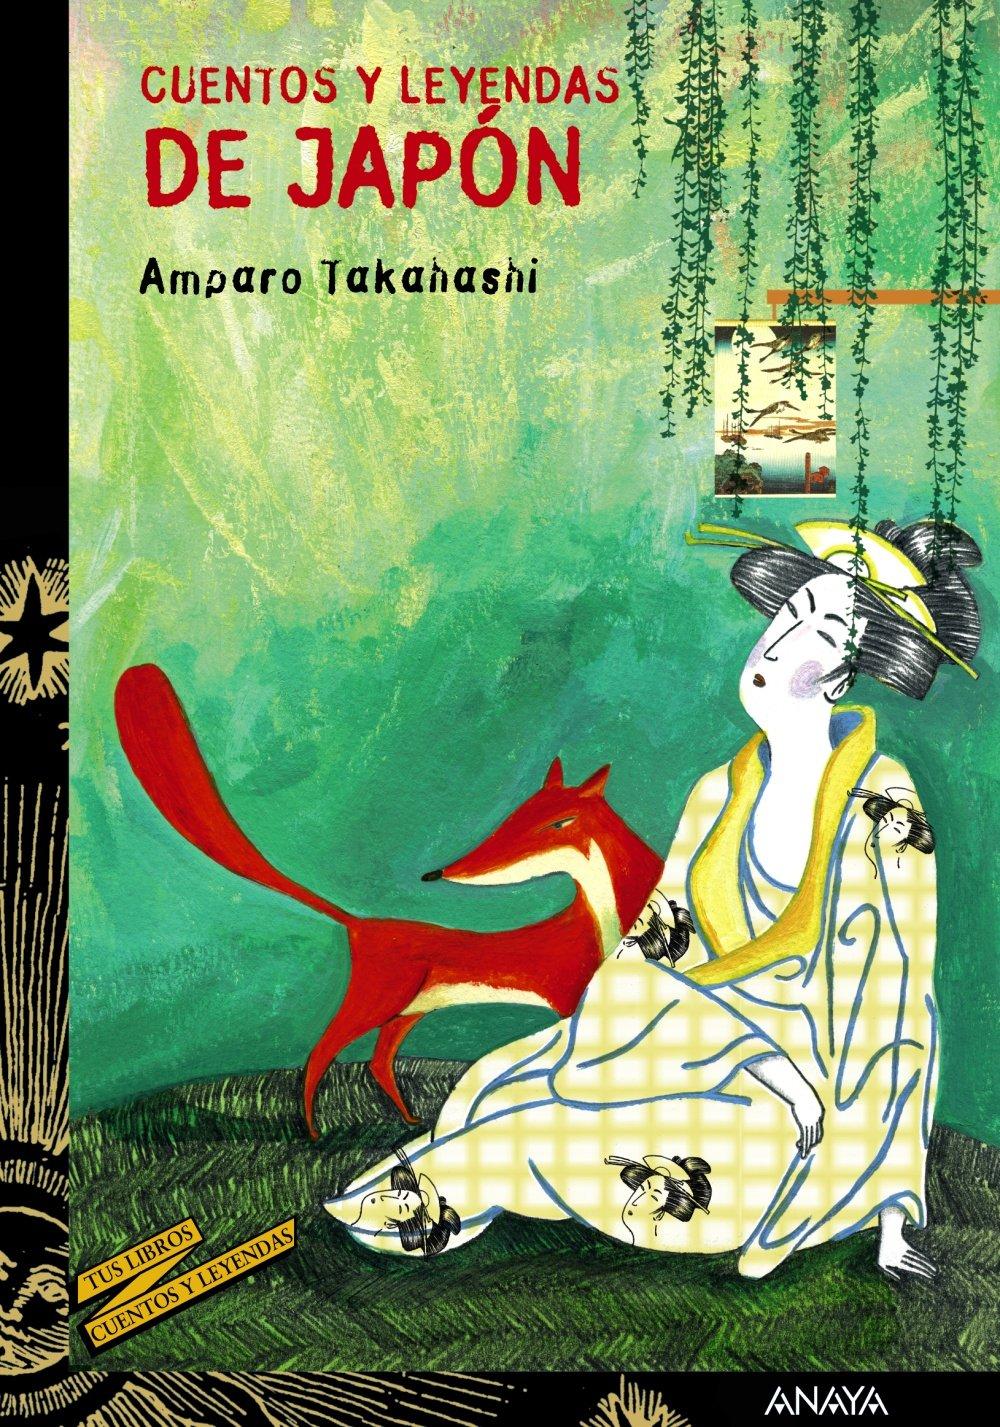 Cuentos y leyendas de Japón Literatura Juvenil A Partir De 12 Años - Cuentos Y Leyendas: Amazon.es: Amparo Takahashi, Antonia Santolaya: Libros